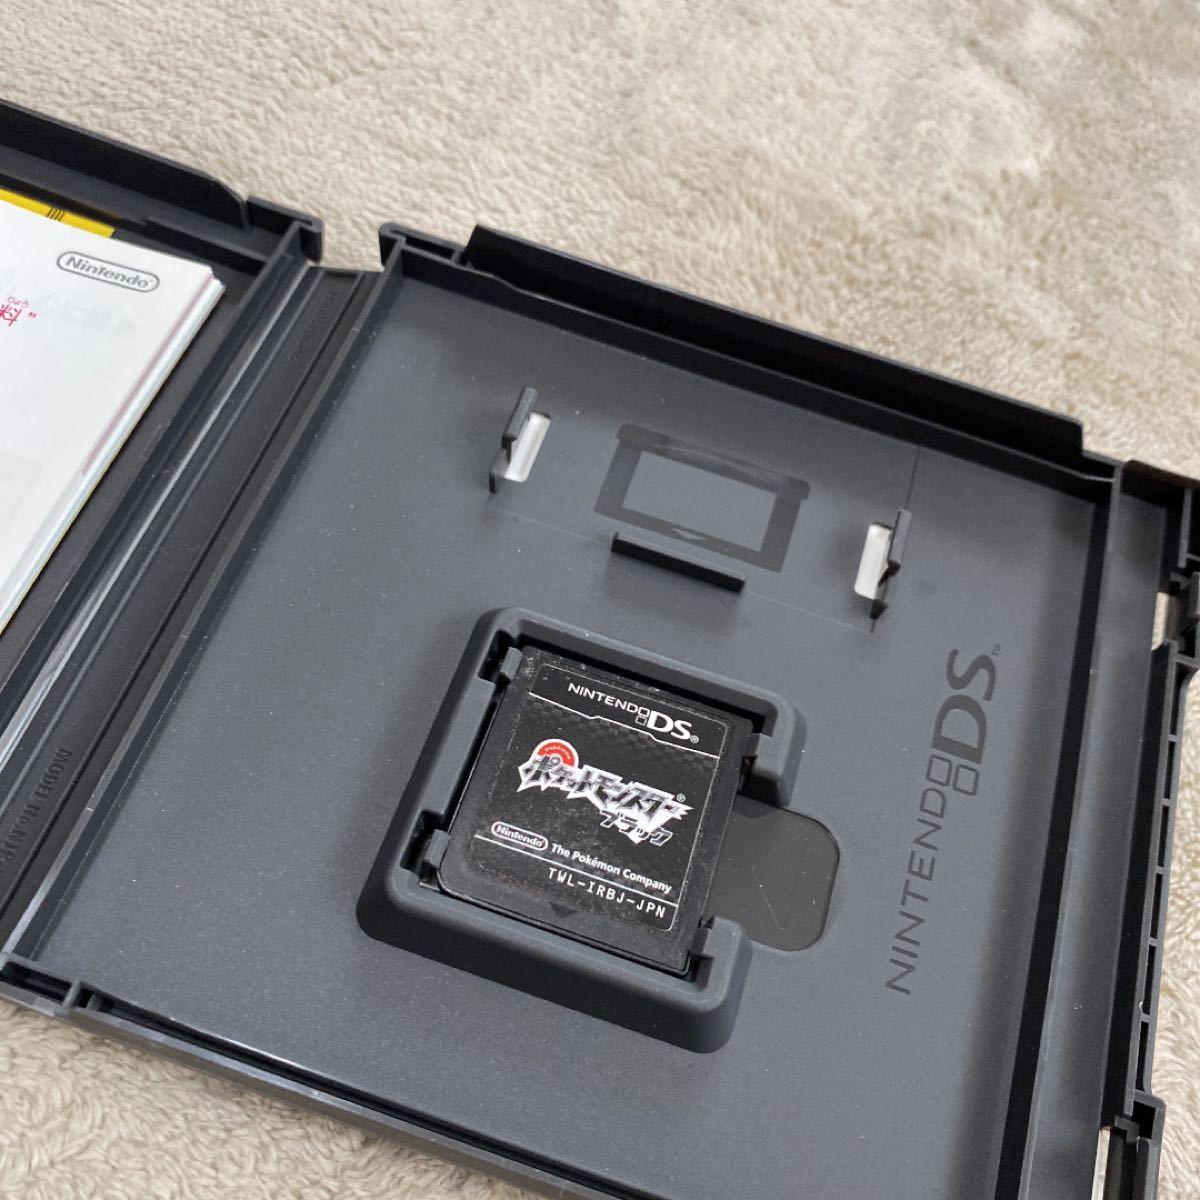 ポケモンパール ブラック ホワイト ポケットモンスター DSソフト ニンテンドー